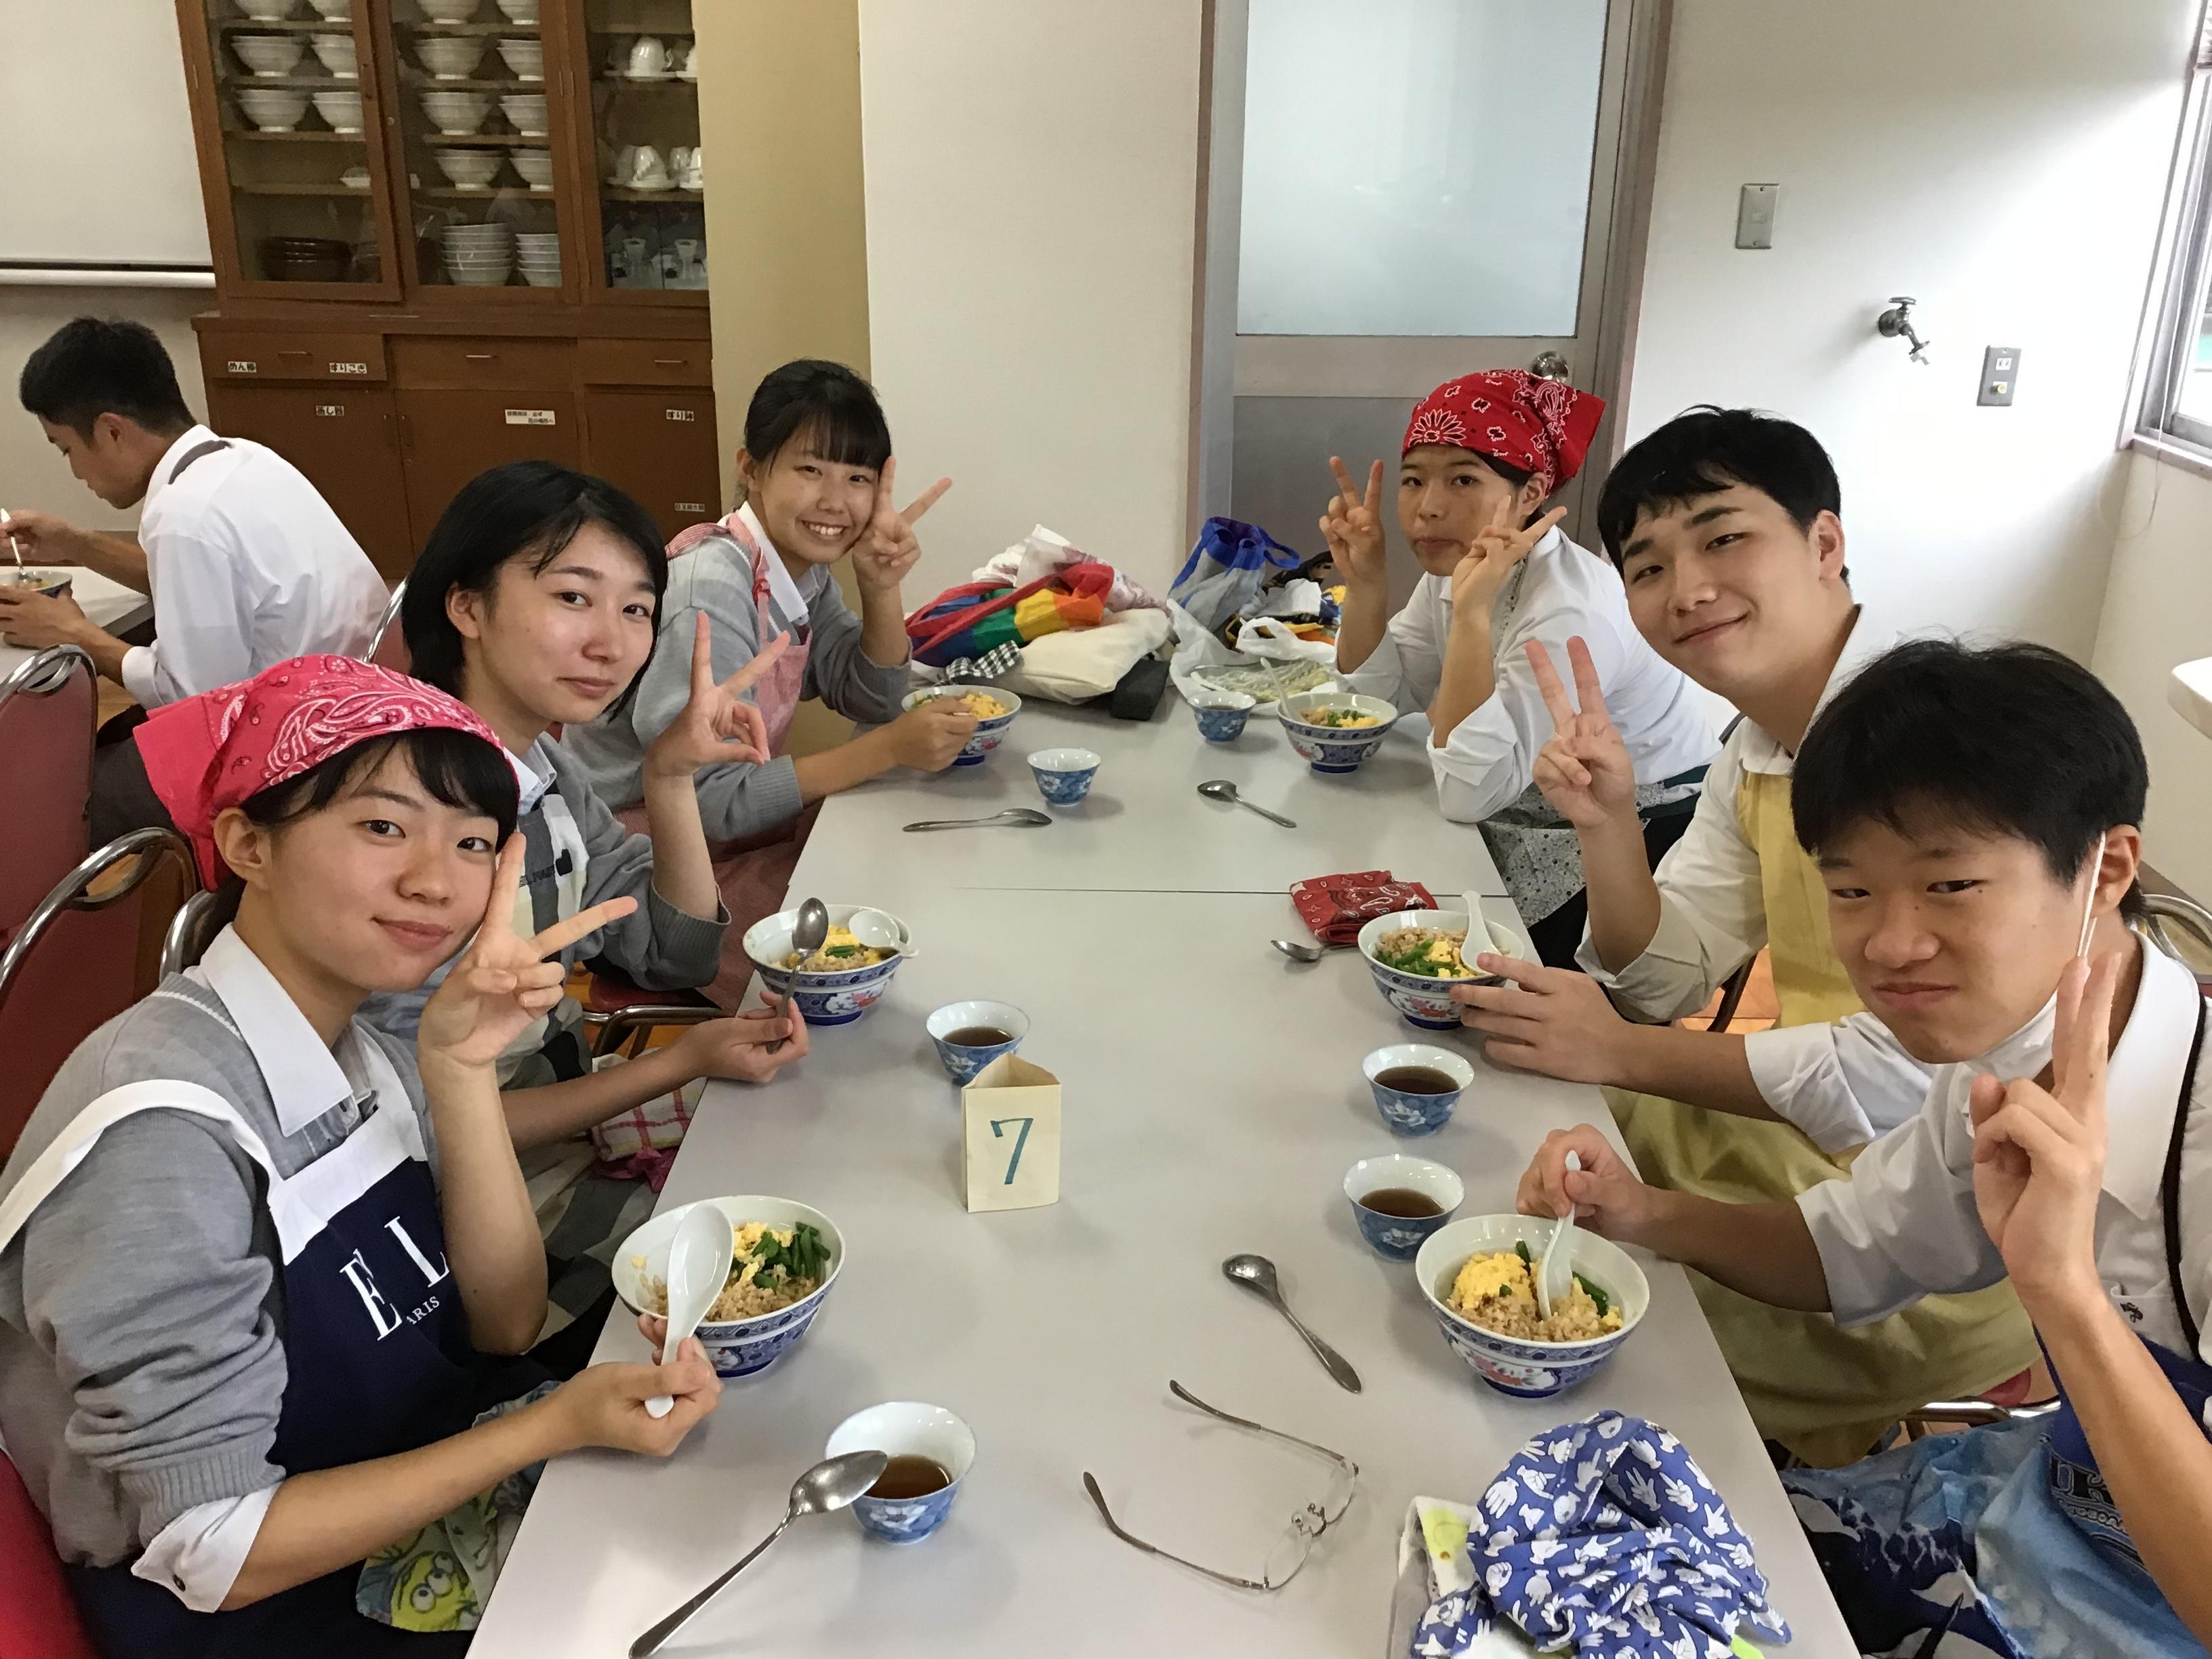 京都府立京都すばる高等学校:学校生活